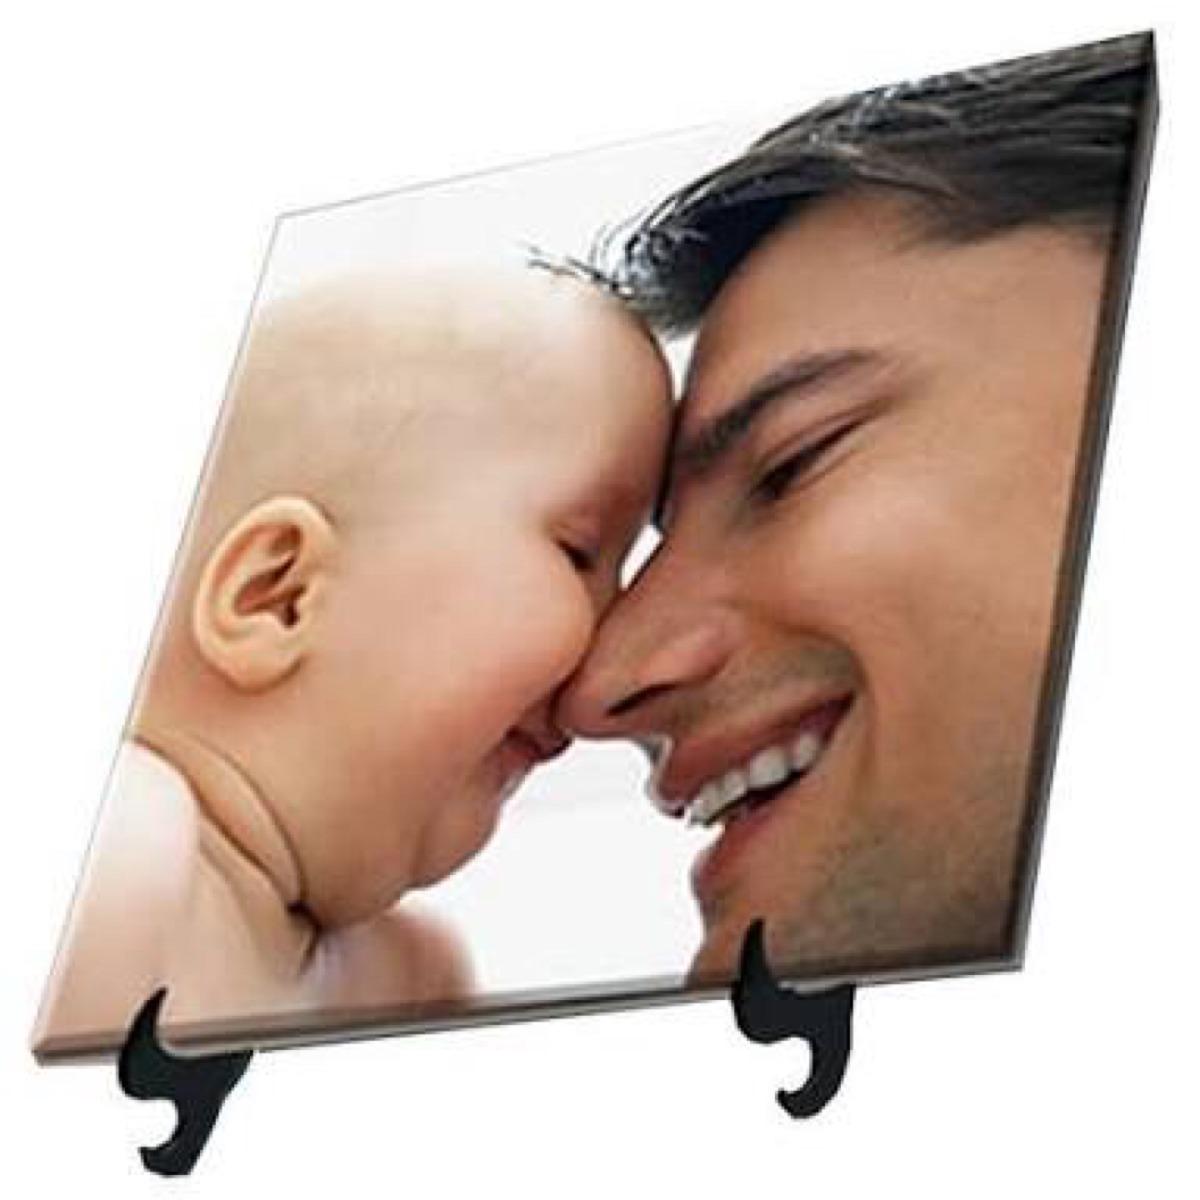 Azulejo 15x15 personalizado r 12 00 em mercado livre for Azulejo 15x15